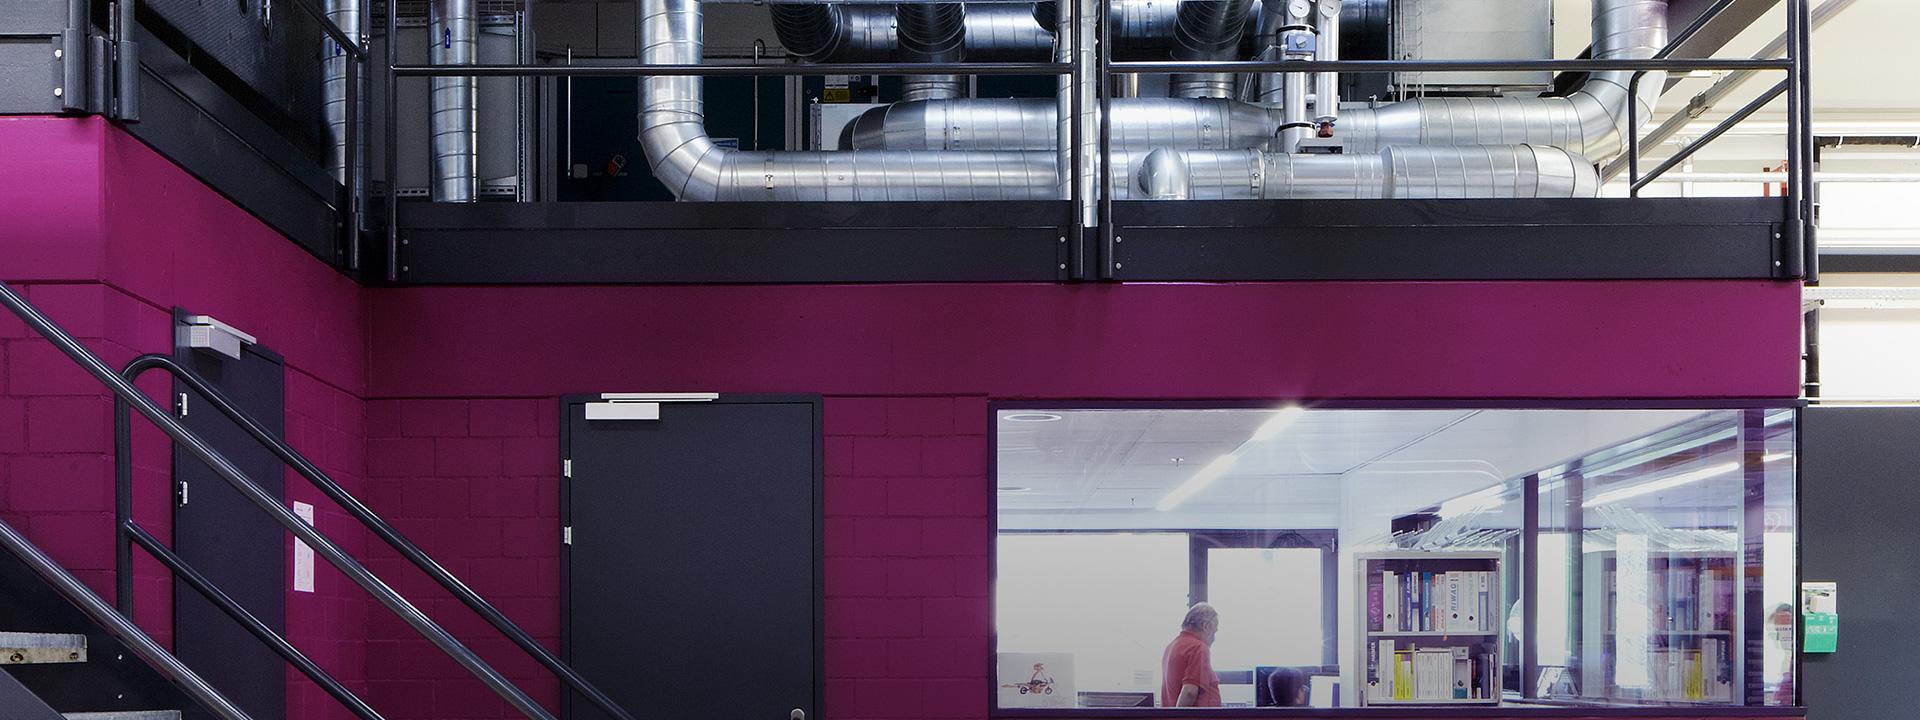 IE Technology - Partner für Bauvorhaben mit höchsten Ansprüchen an Reinraum, Energieeffizienz und Produktionsfluss